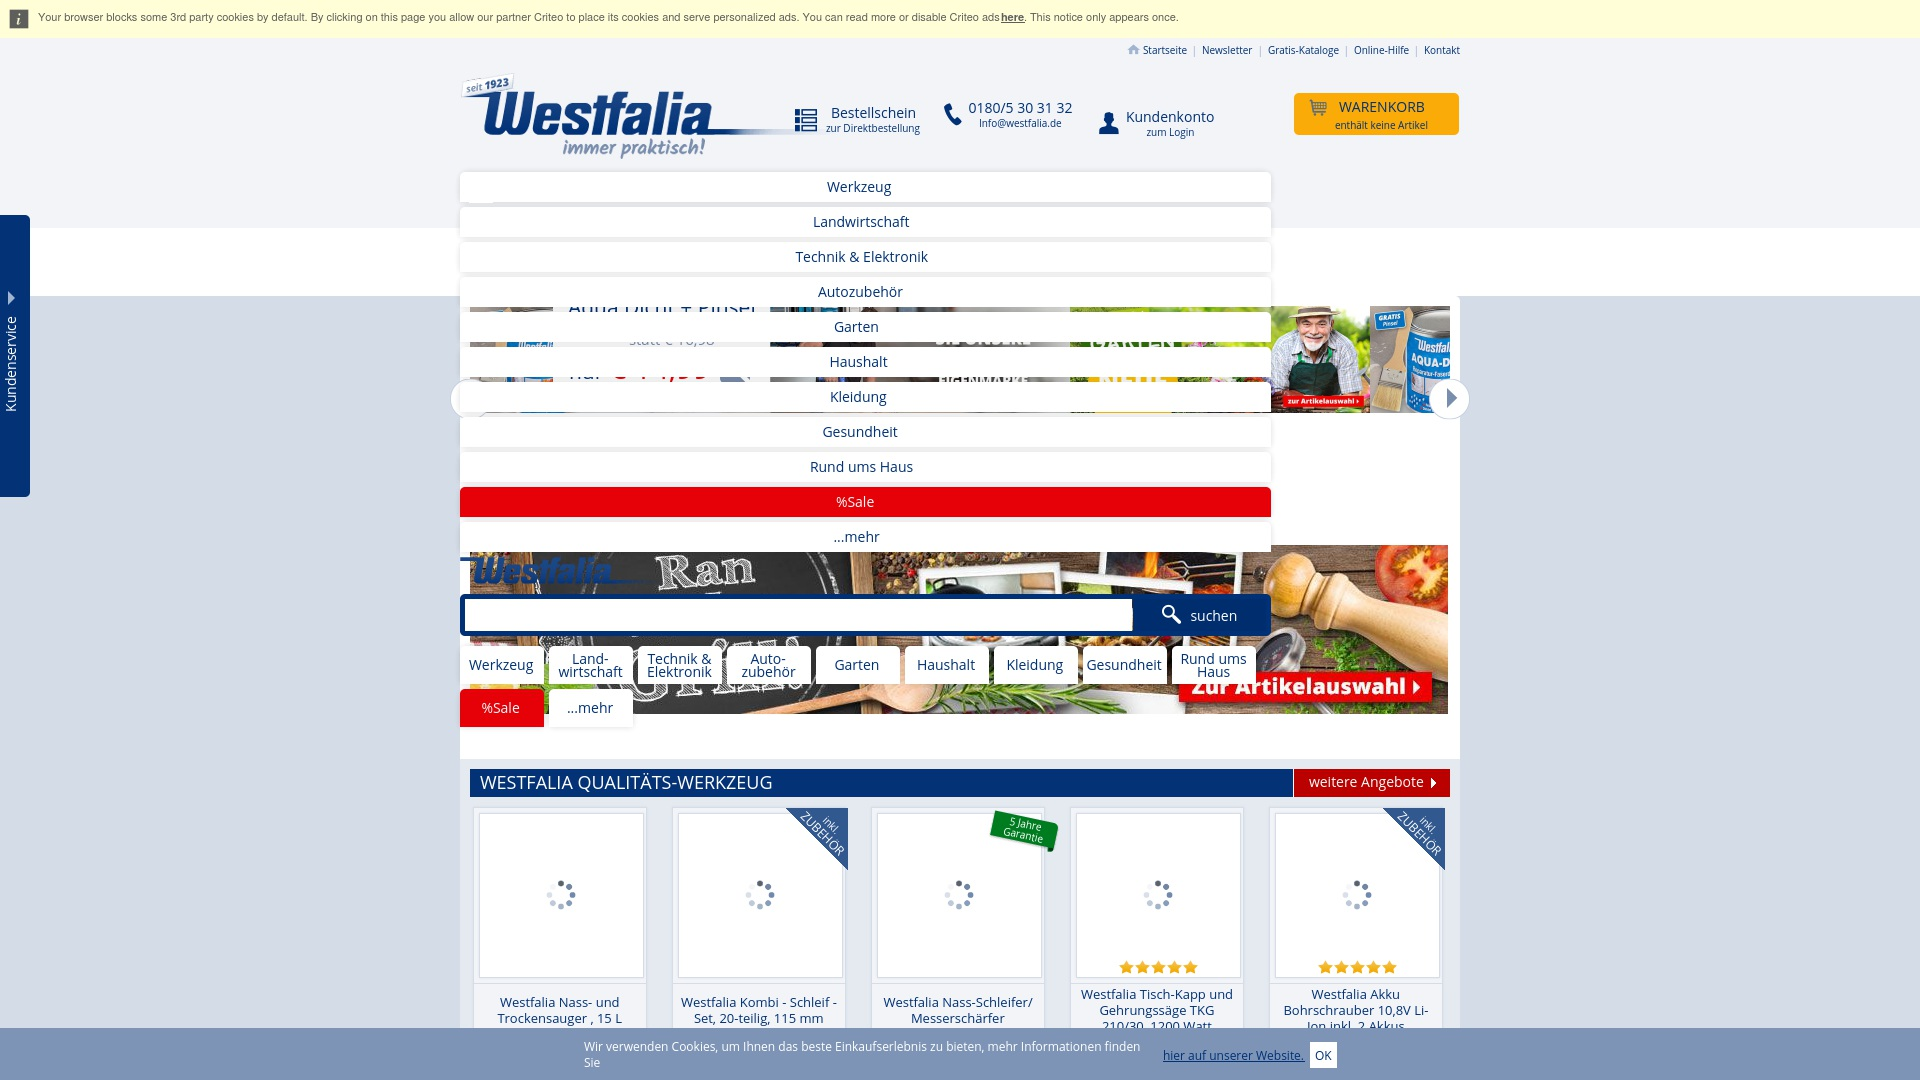 Geld zurück bei Westfalia: Jetzt im September 2021 Cashback für Westfalia sichern